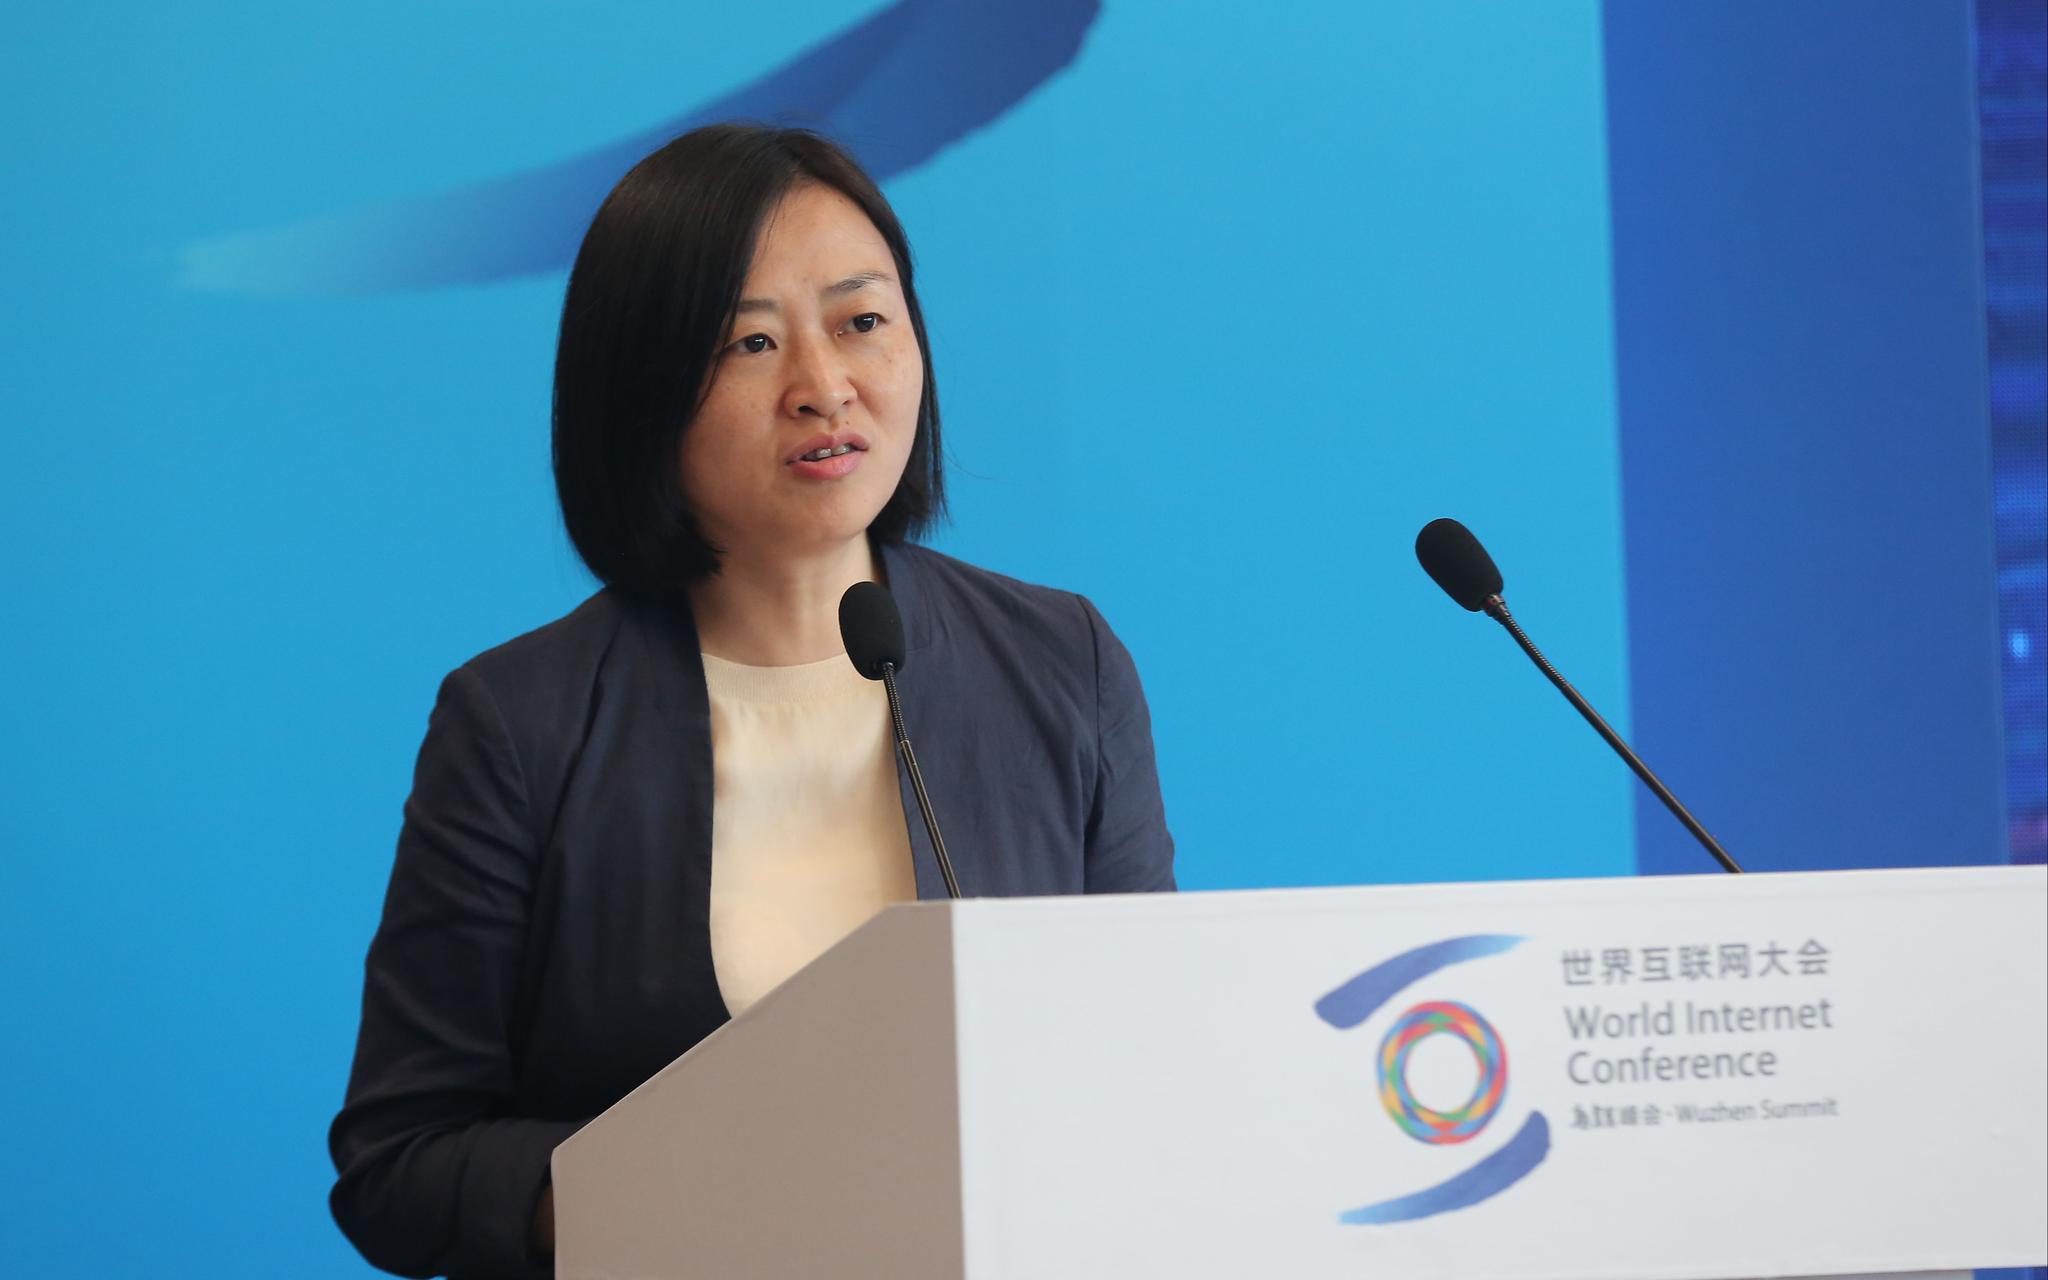 http://www.xqweigou.com/kuajingdianshang/70526.html